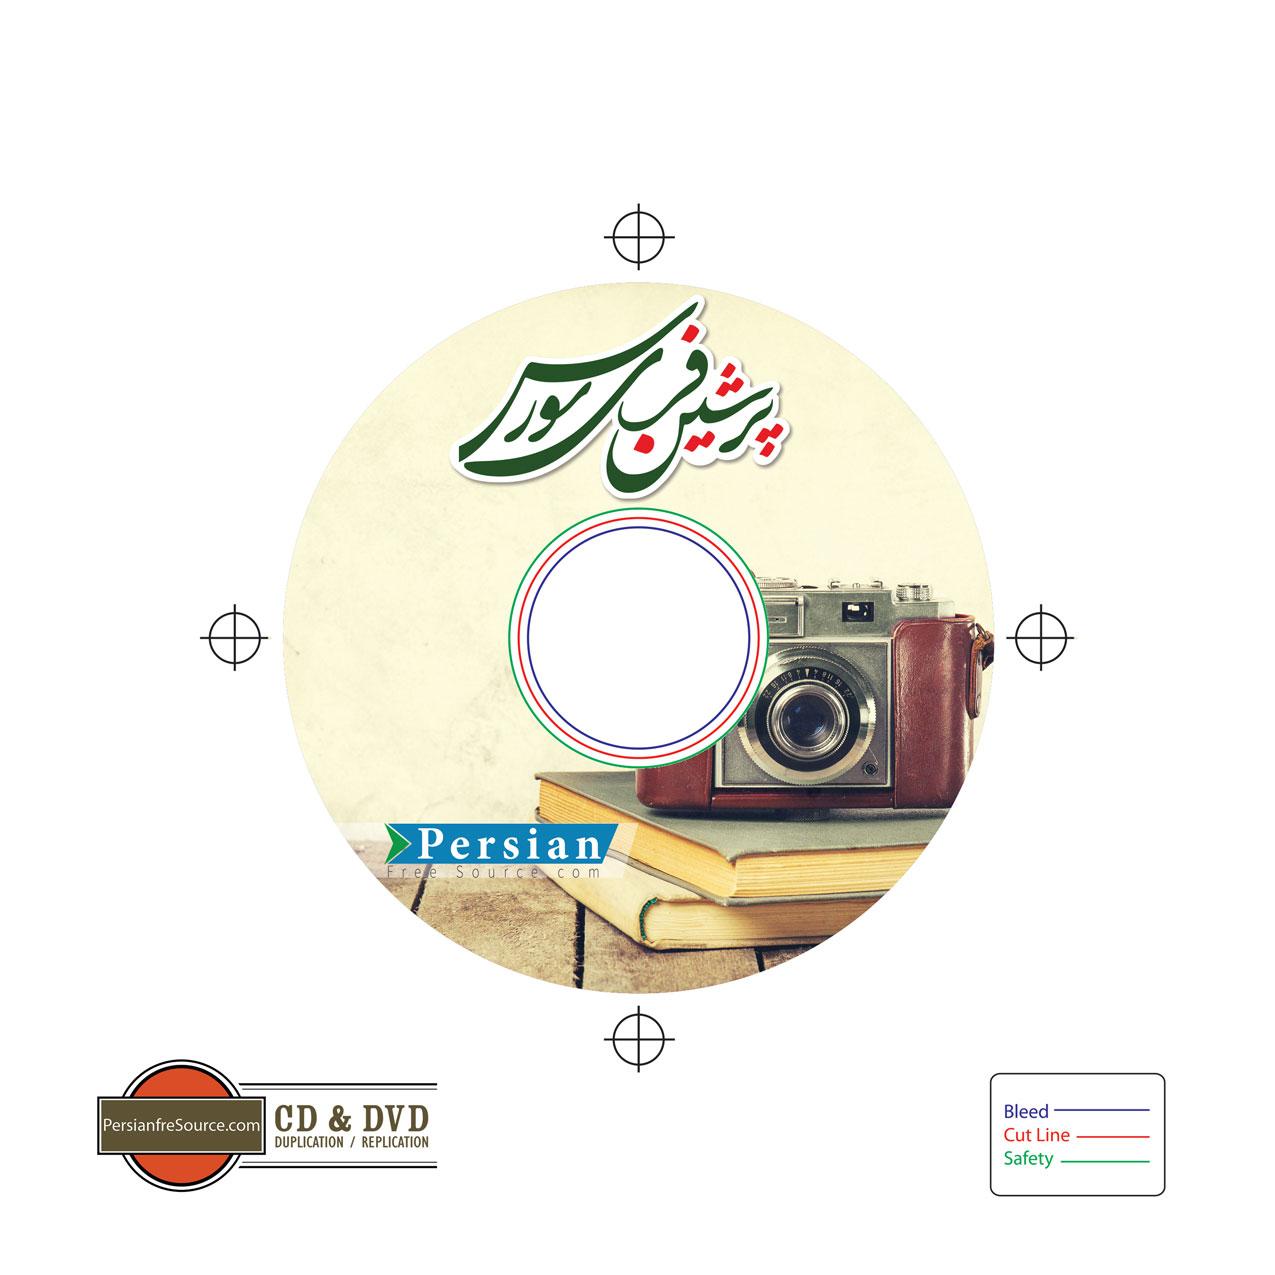 دانلود فایل لایه باز لیبل و کاور CD و DVD